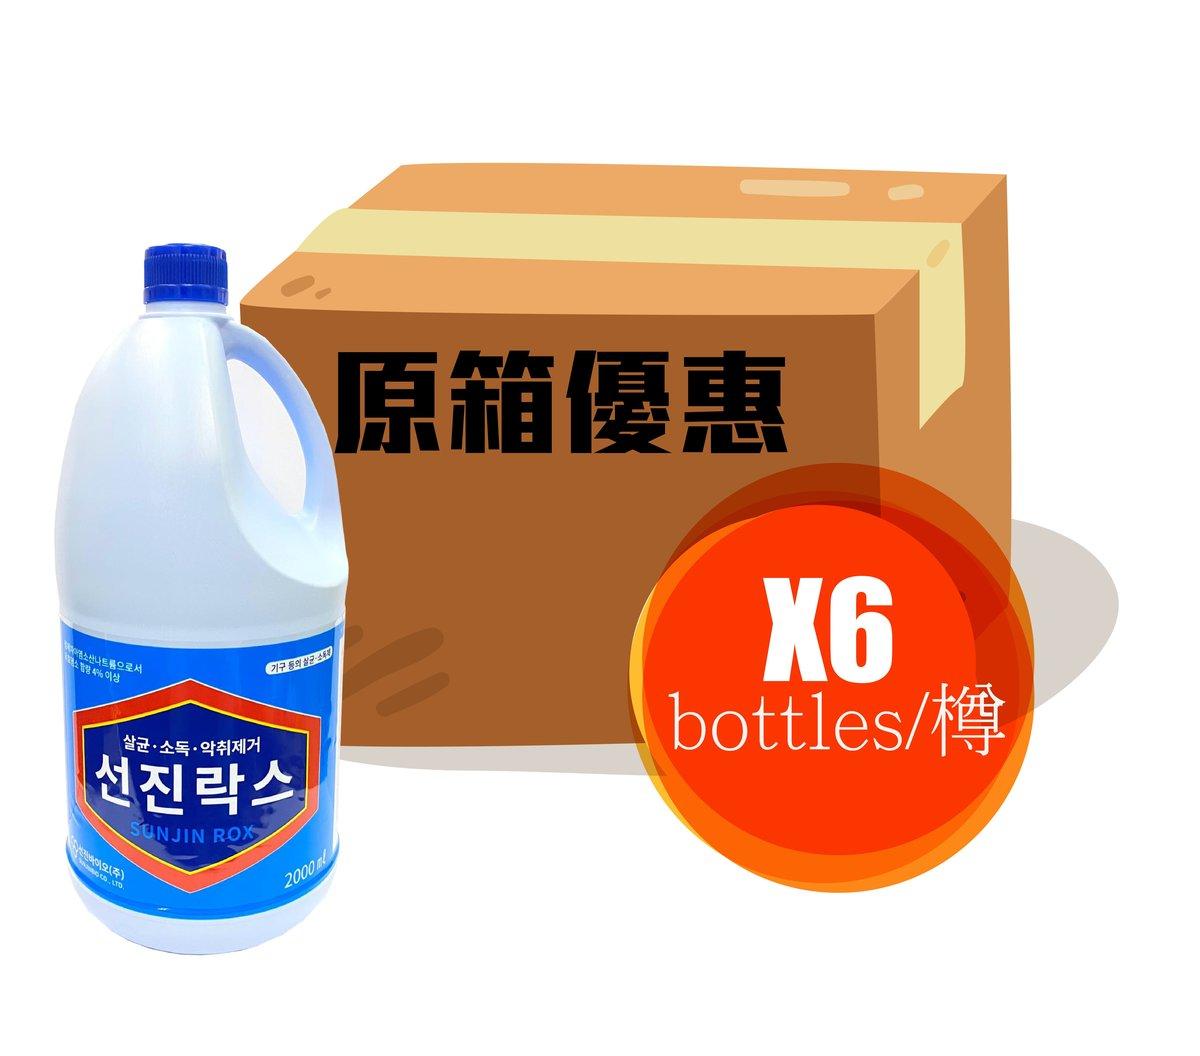 *6支優惠裝* 韓國SUNJIN ROX 漂白水(2000ML) x 6支